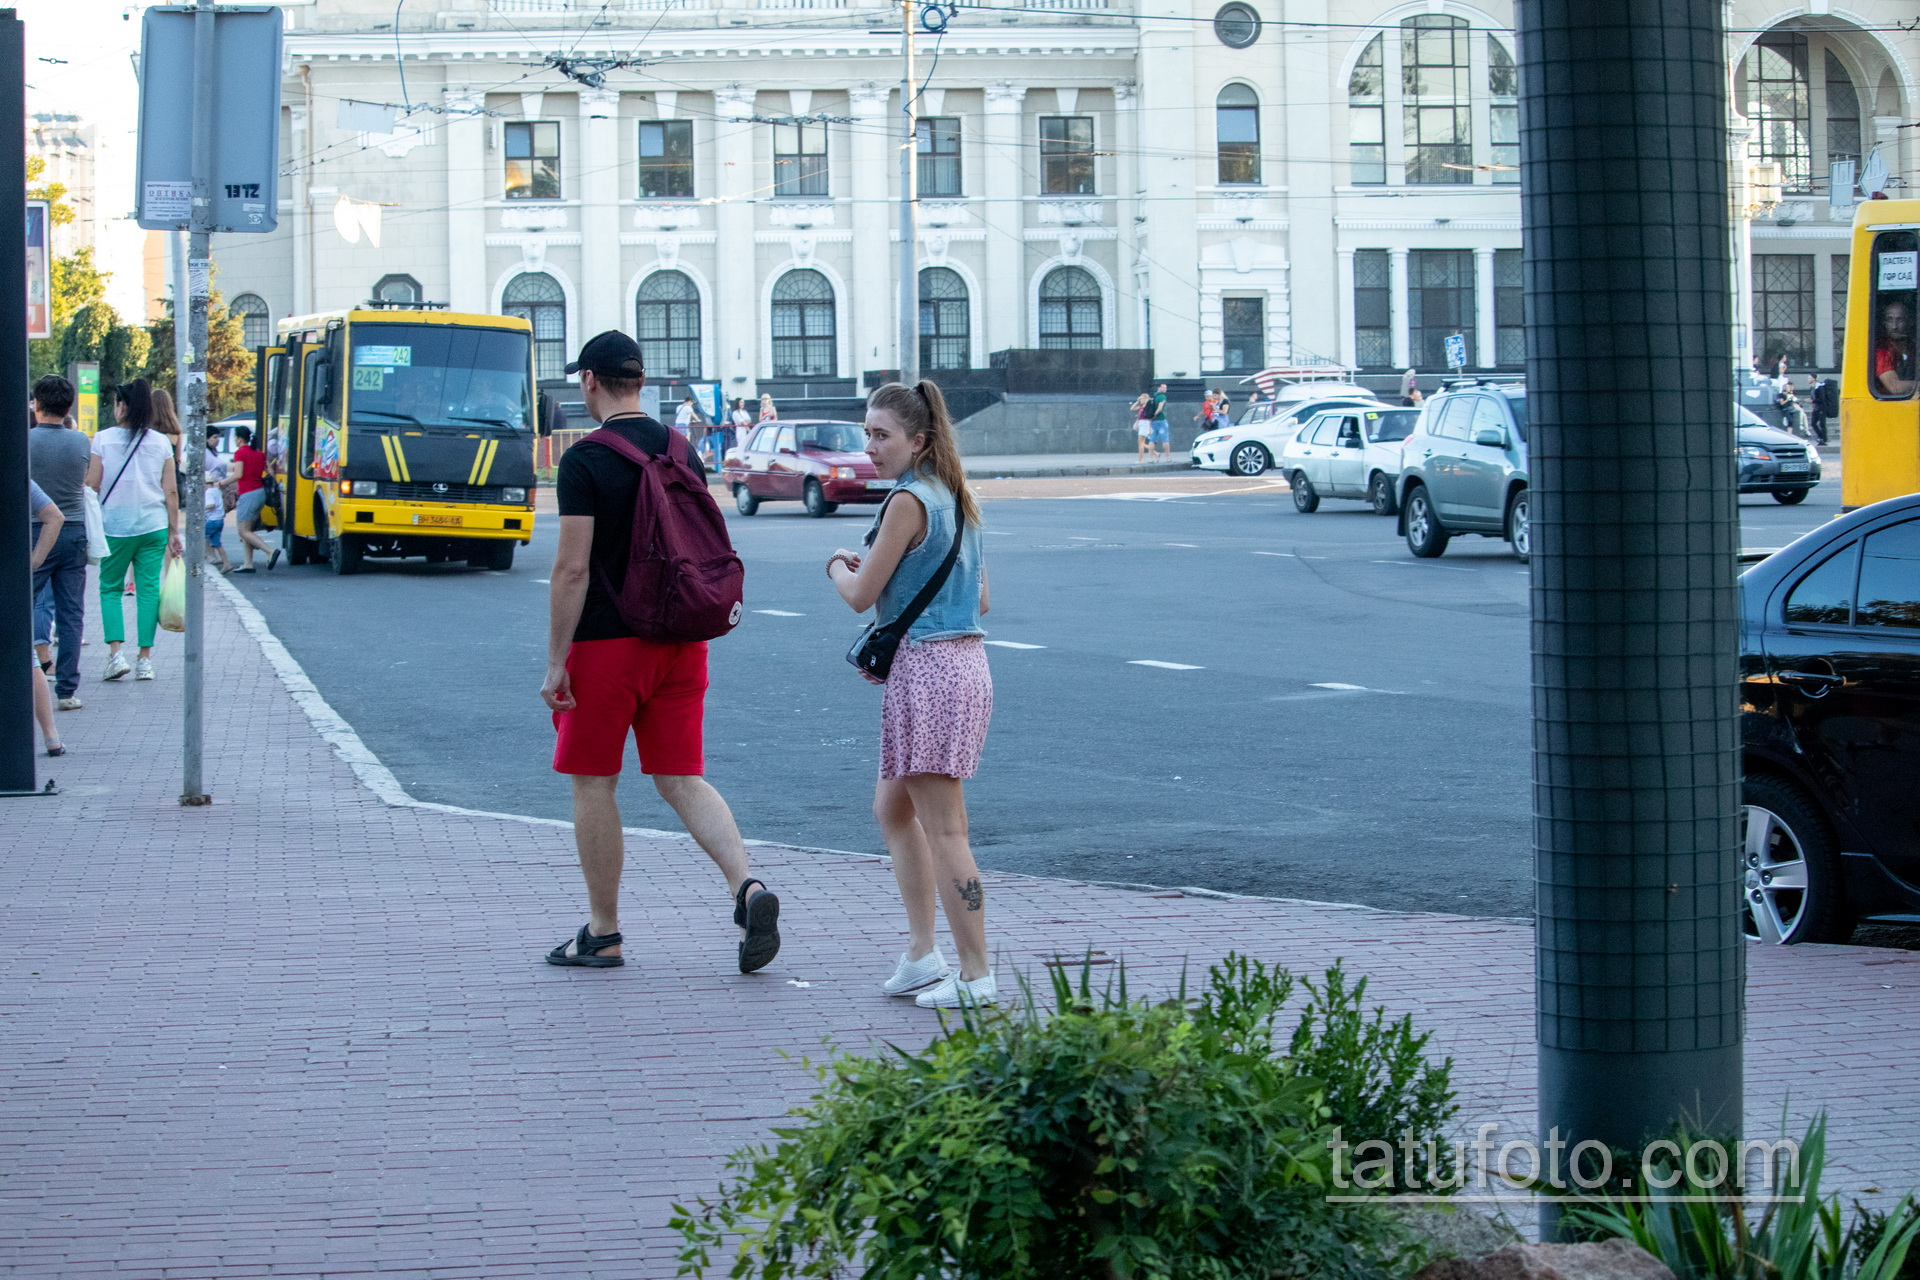 Тату с младенцем Дед Пулом на ноге у девушки - Уличная татуировка 14.09.2020 – tatufoto.com 1